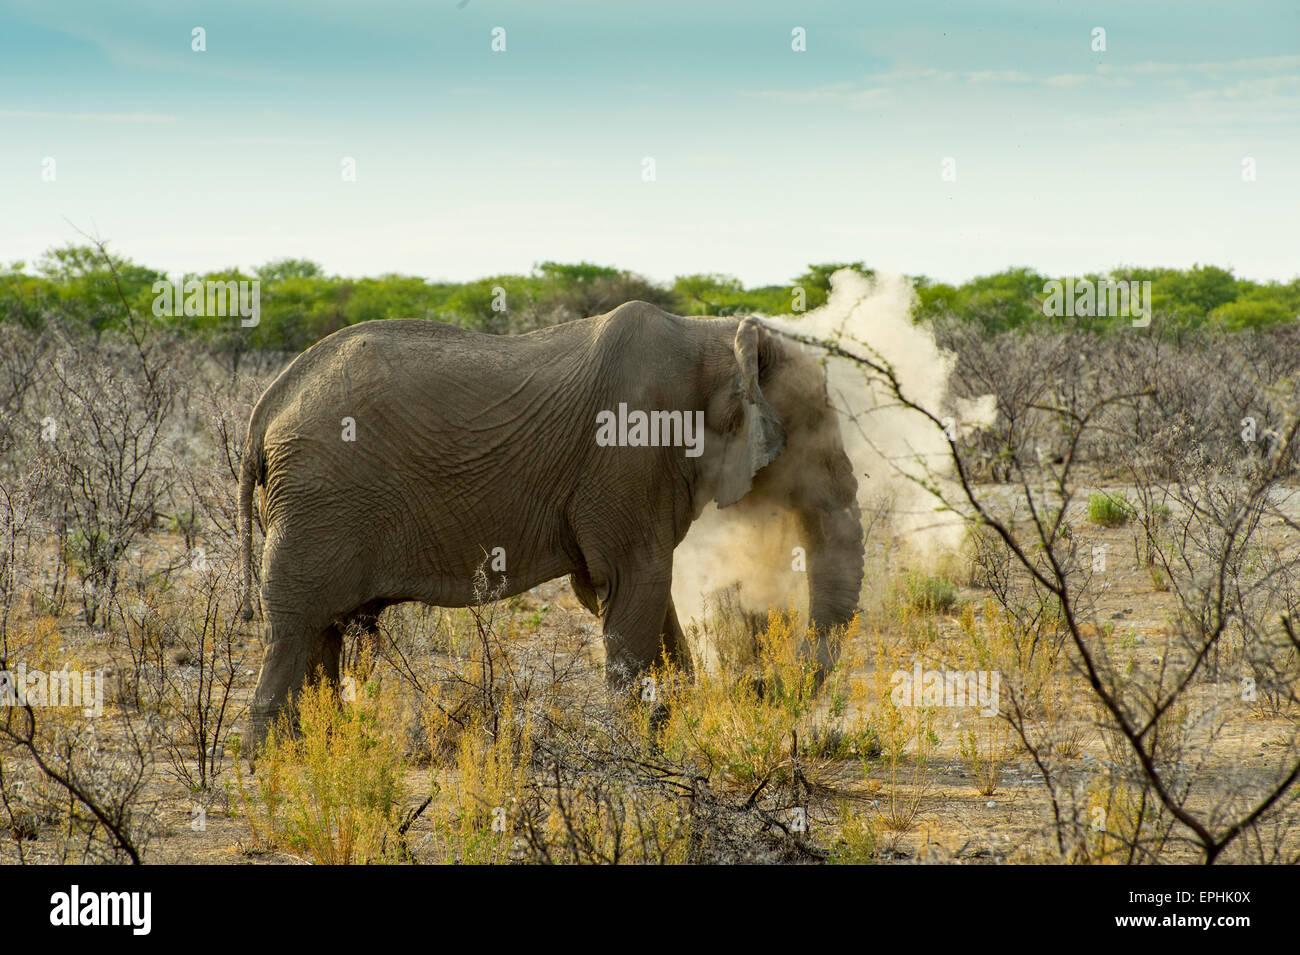 Africa, Namibia. Etosha National Park. Elephant walking through shrubs, kicking up dust. - Stock Image